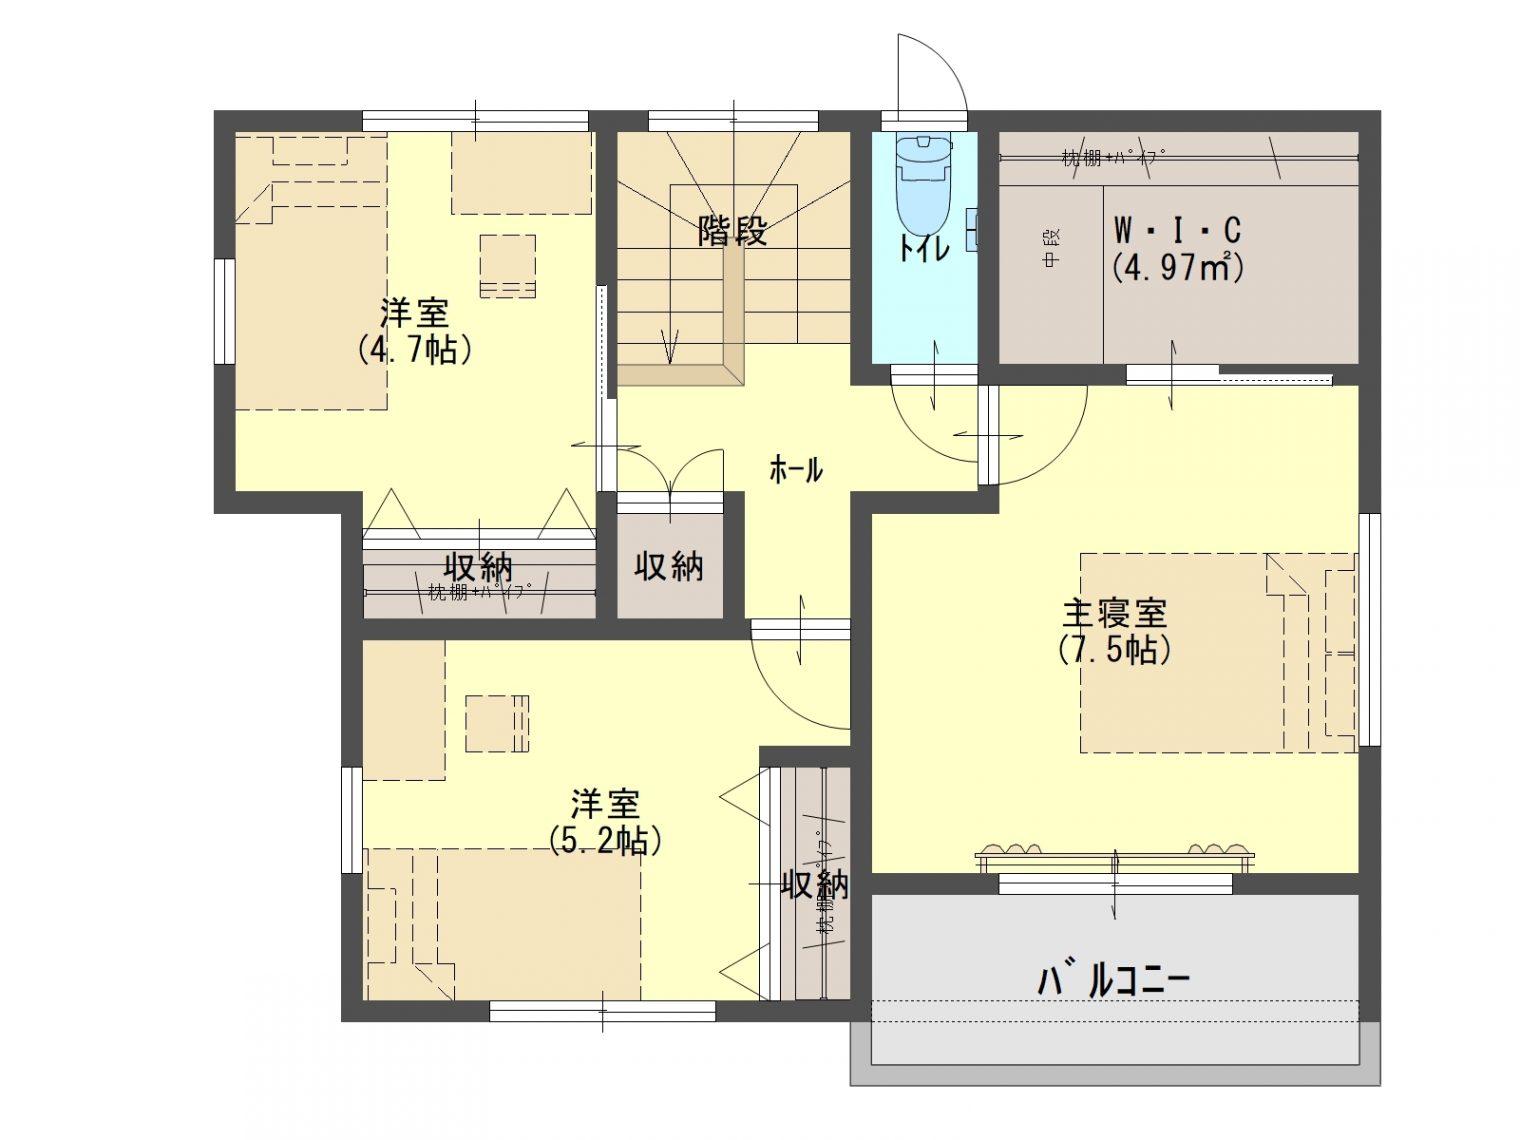 山手町 新築戸建て 【建築中・2021年7月完成予定】13